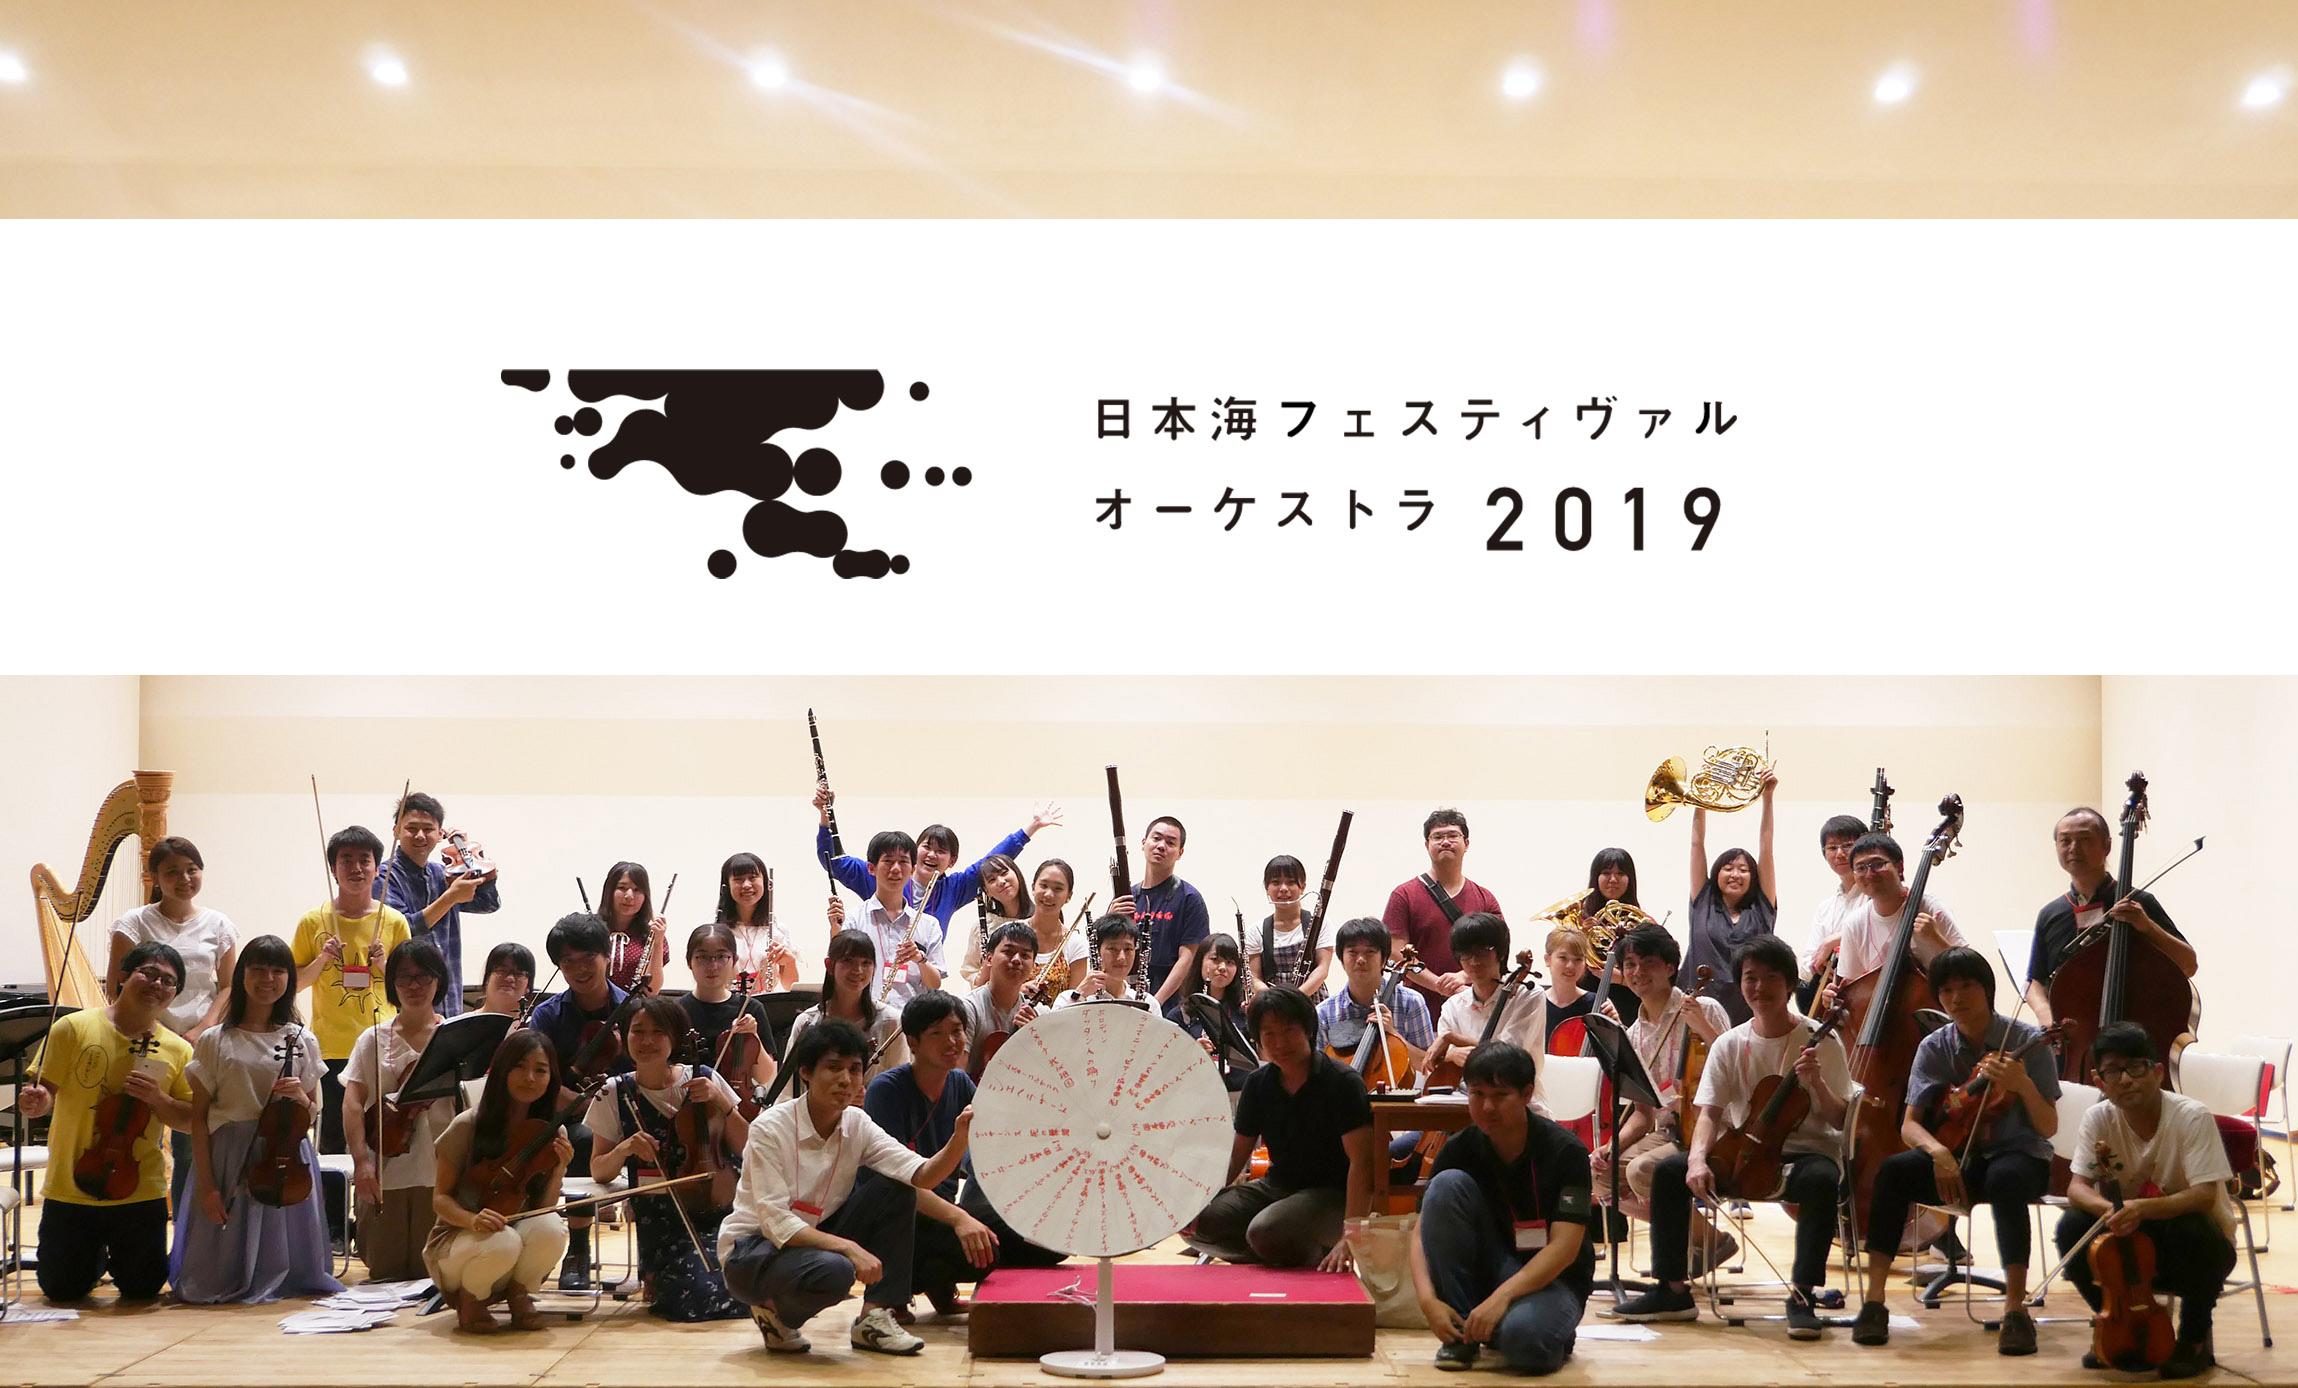 2019年夏の日本海フェスオケ